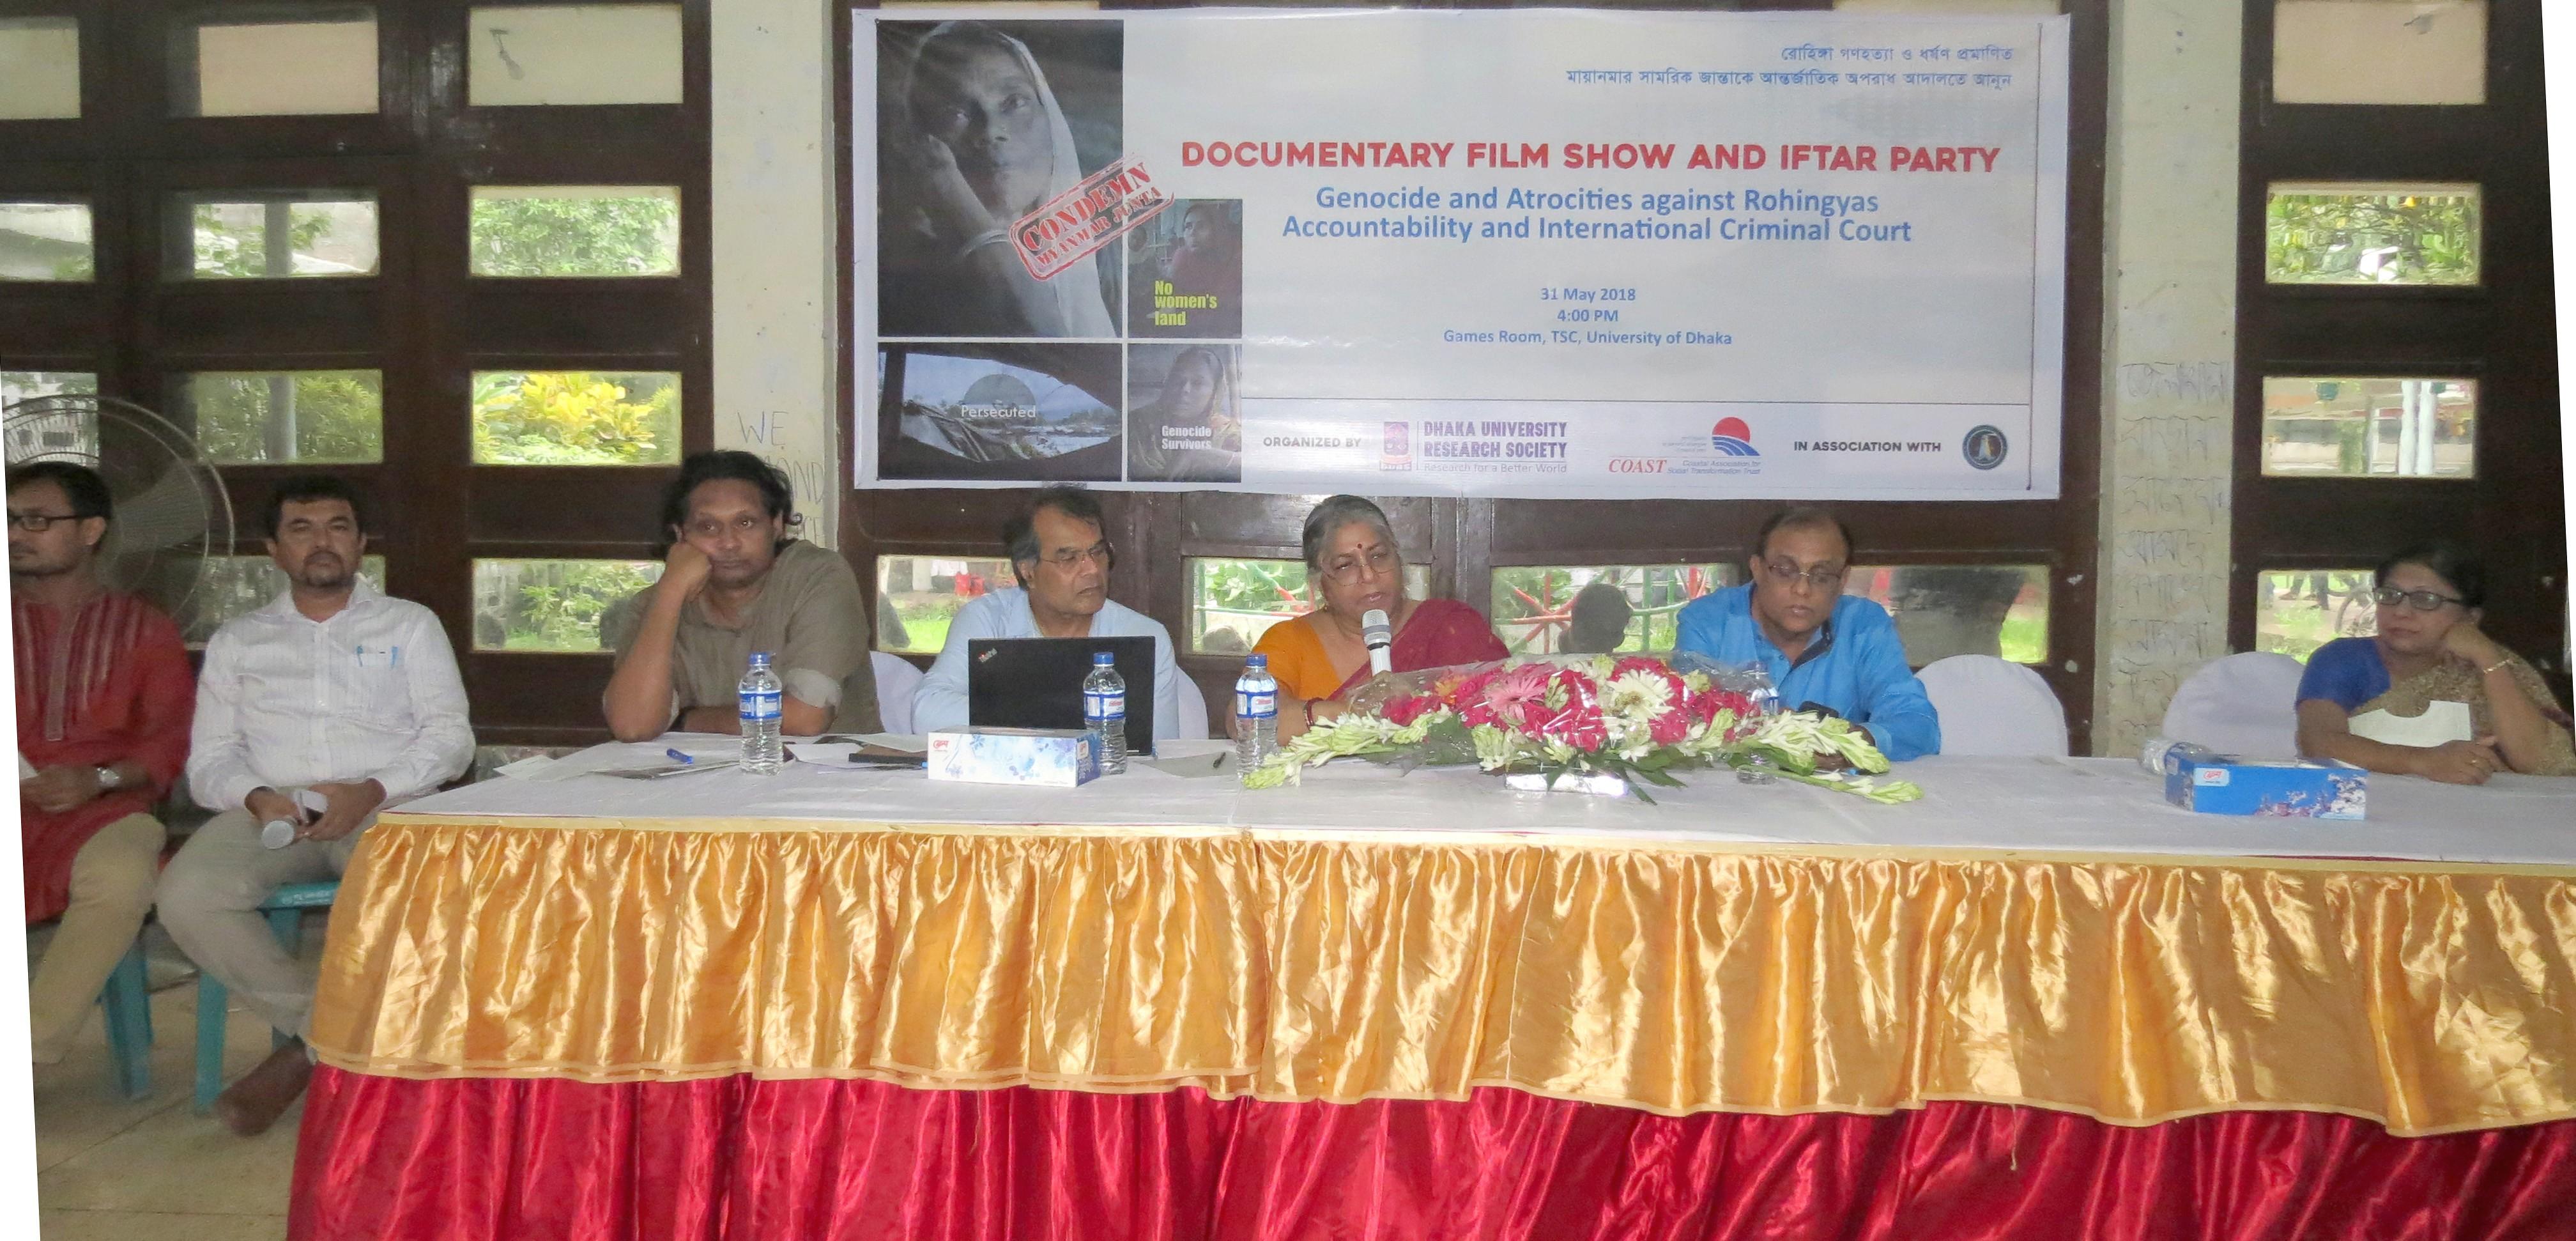 Myanmar Junta Must brought in ICC: Experts